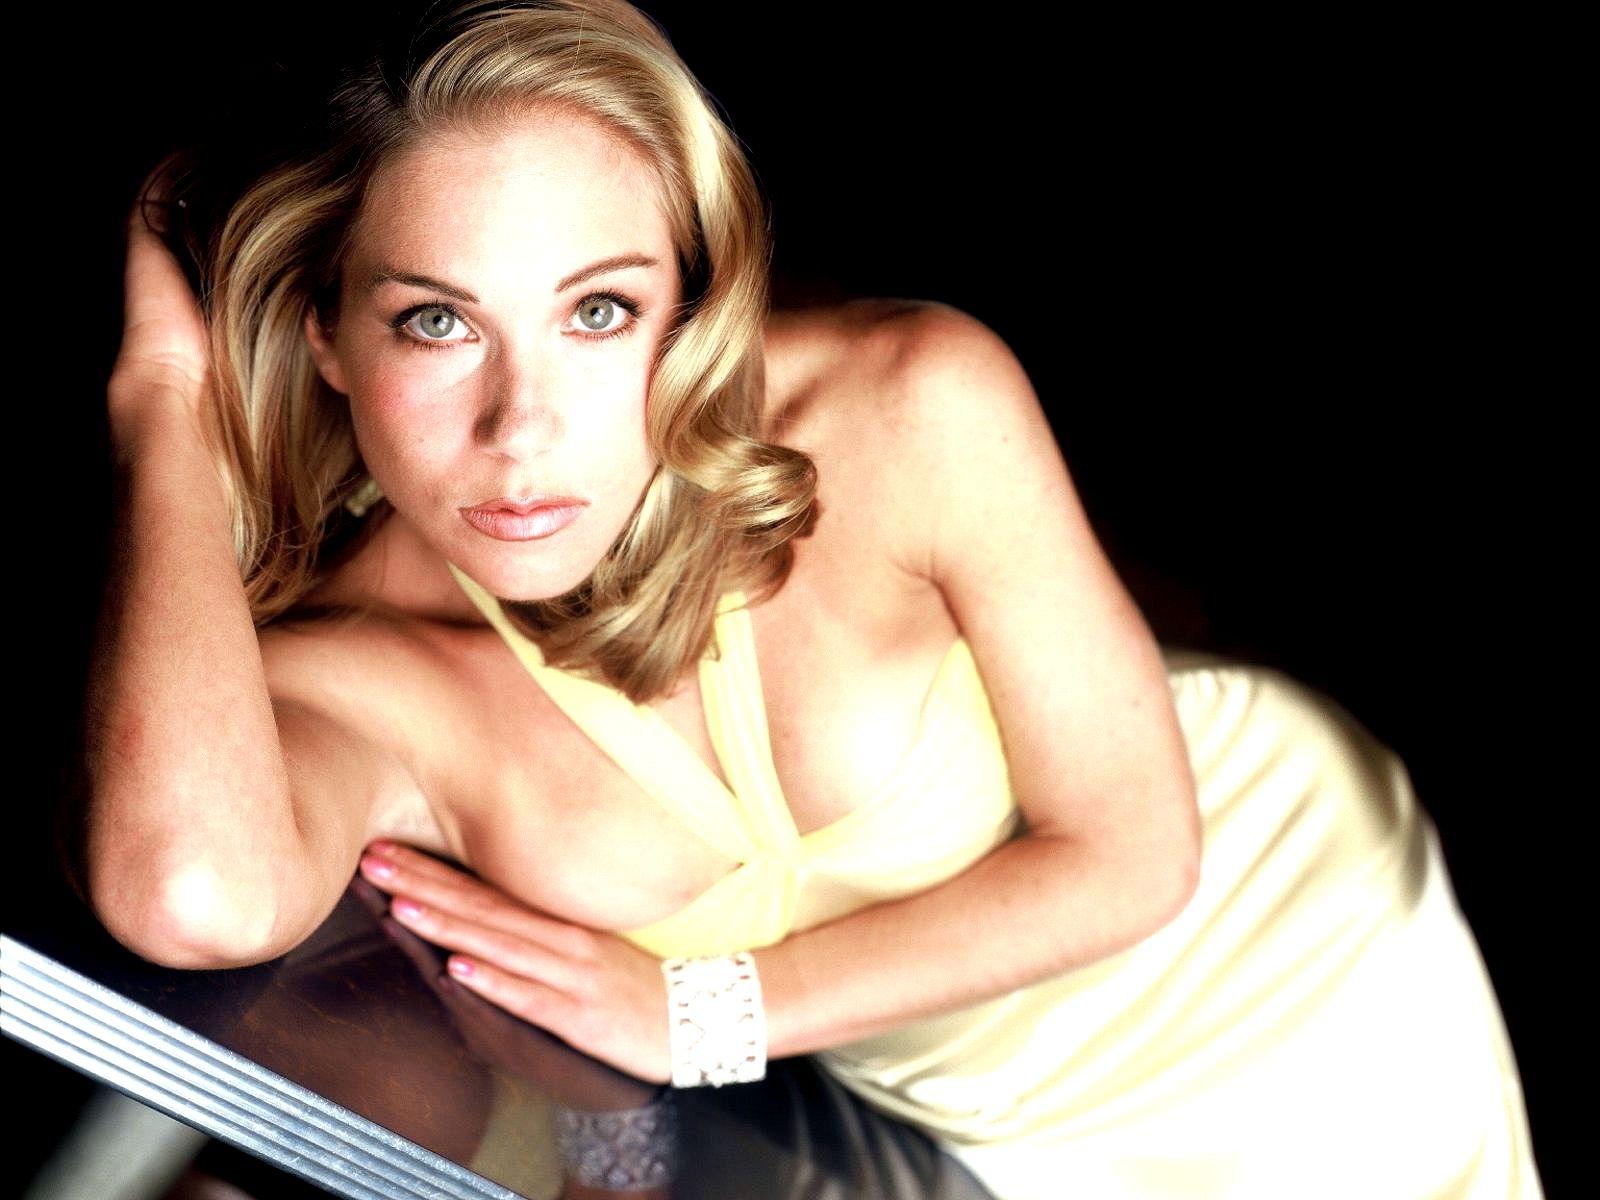 http://1.bp.blogspot.com/-TUIRcwMGSBE/UQrQGDk7oMI/AAAAAAAAXlI/J4SFZTphyhI/s1600/Christina+Applegate1.jpg